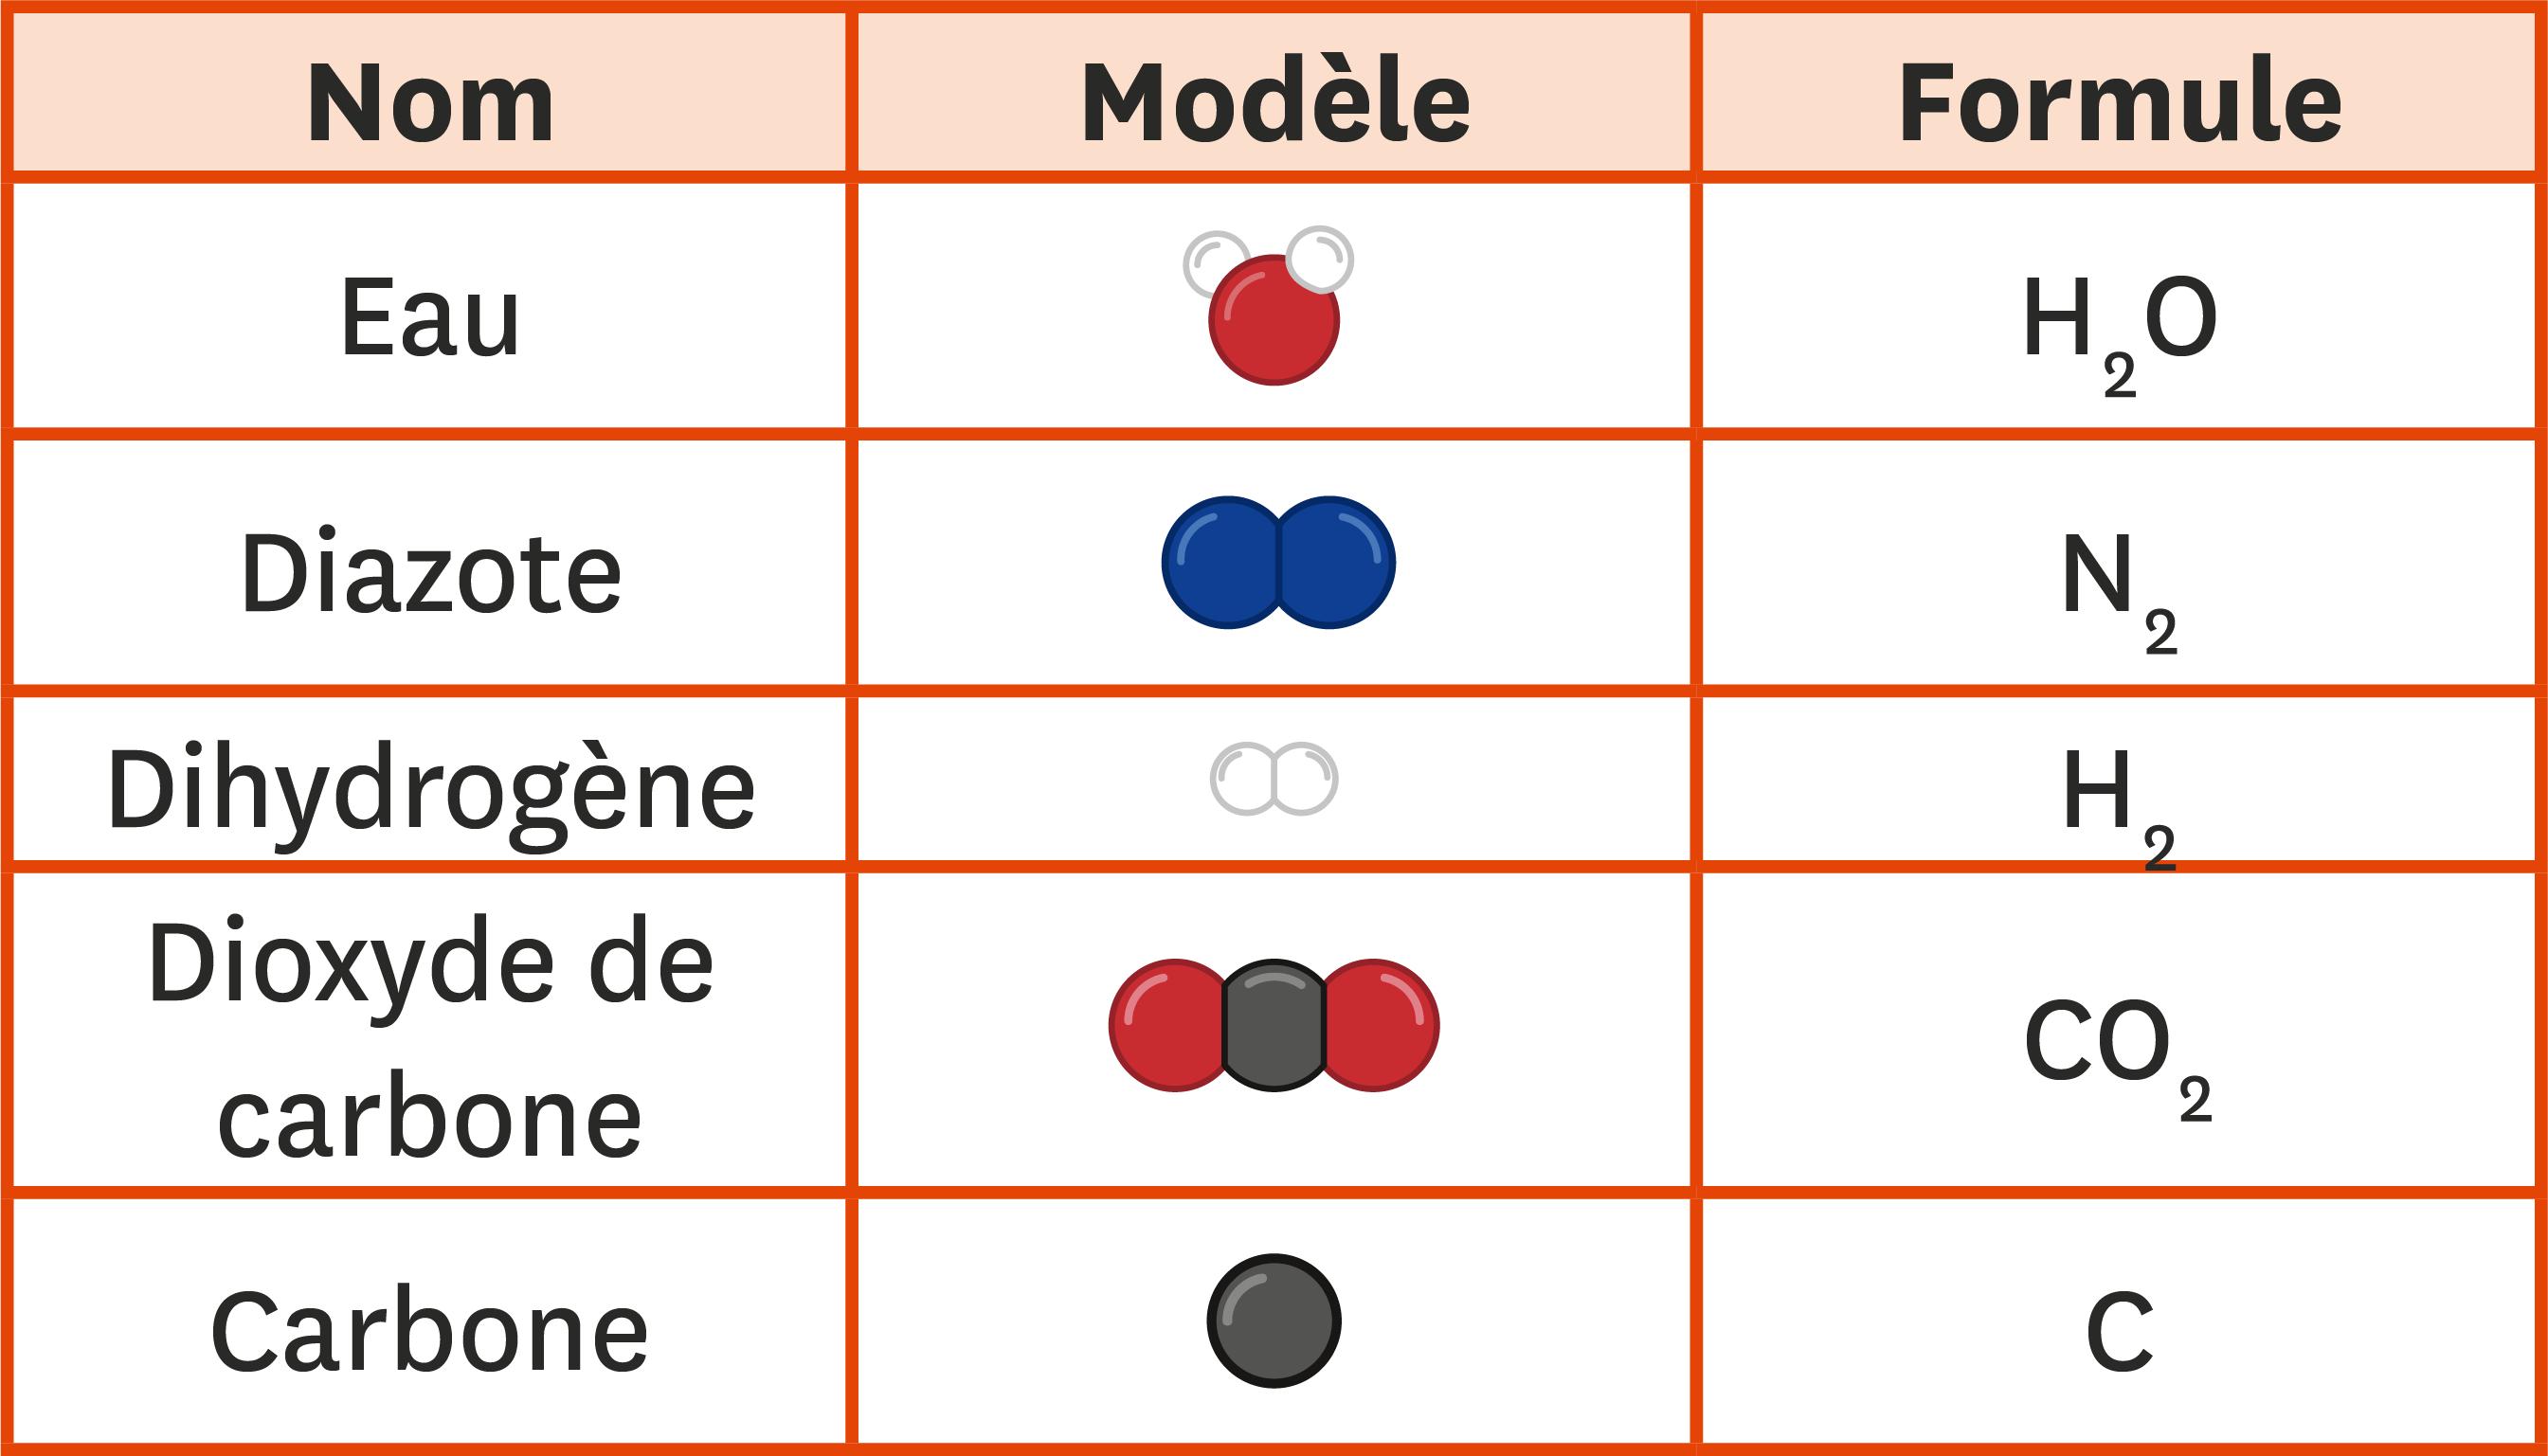 Nom, modèle et formule de quelques molécules.